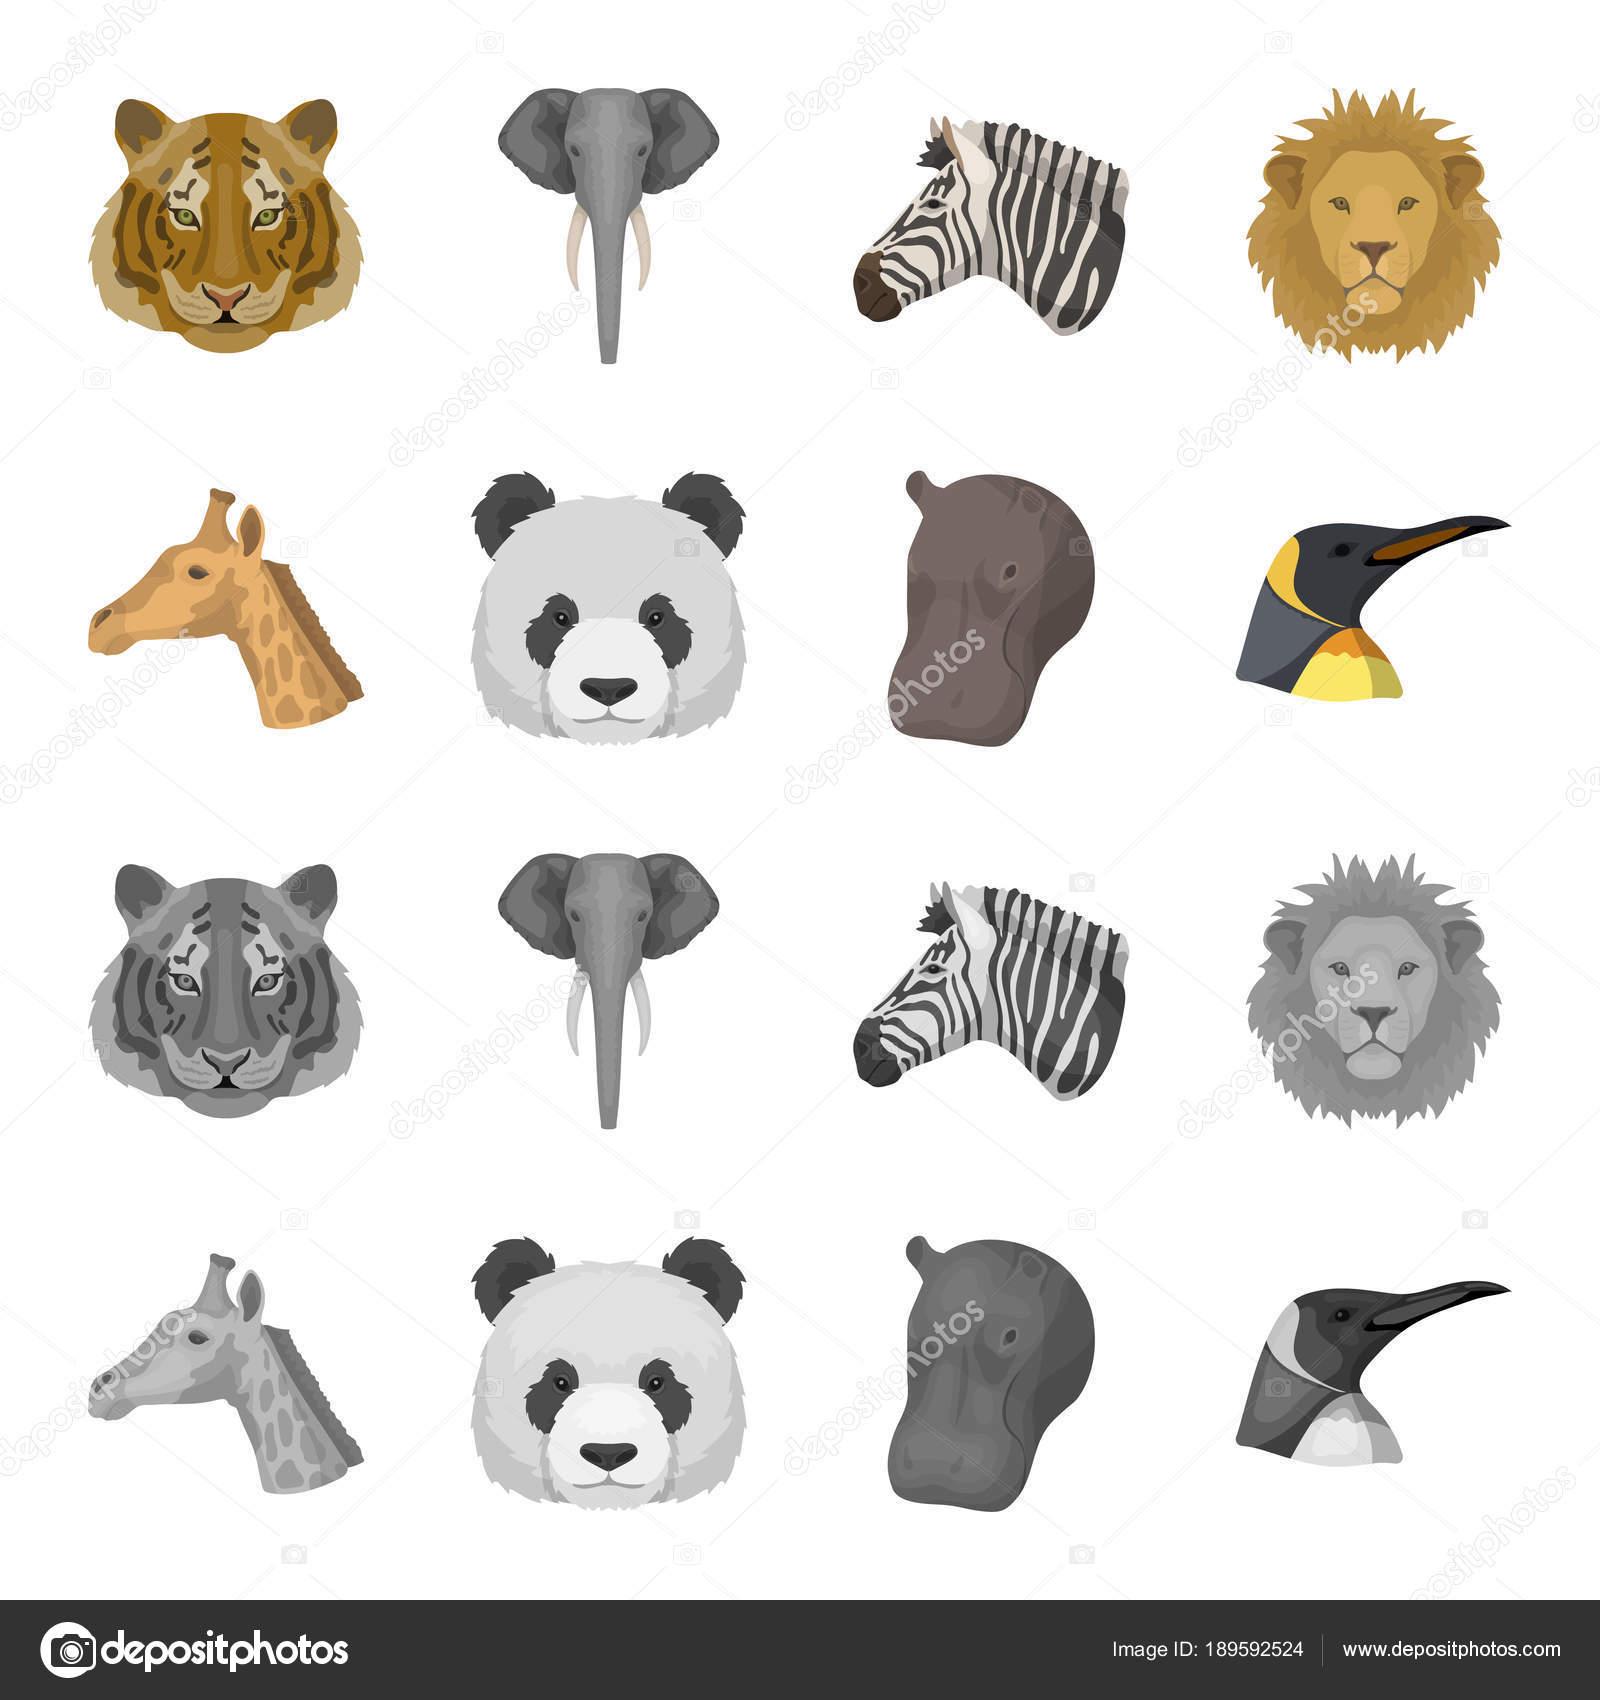 パンダ、キリン、カバ、ペンギン、リアルな動物がモノクロ スタイル